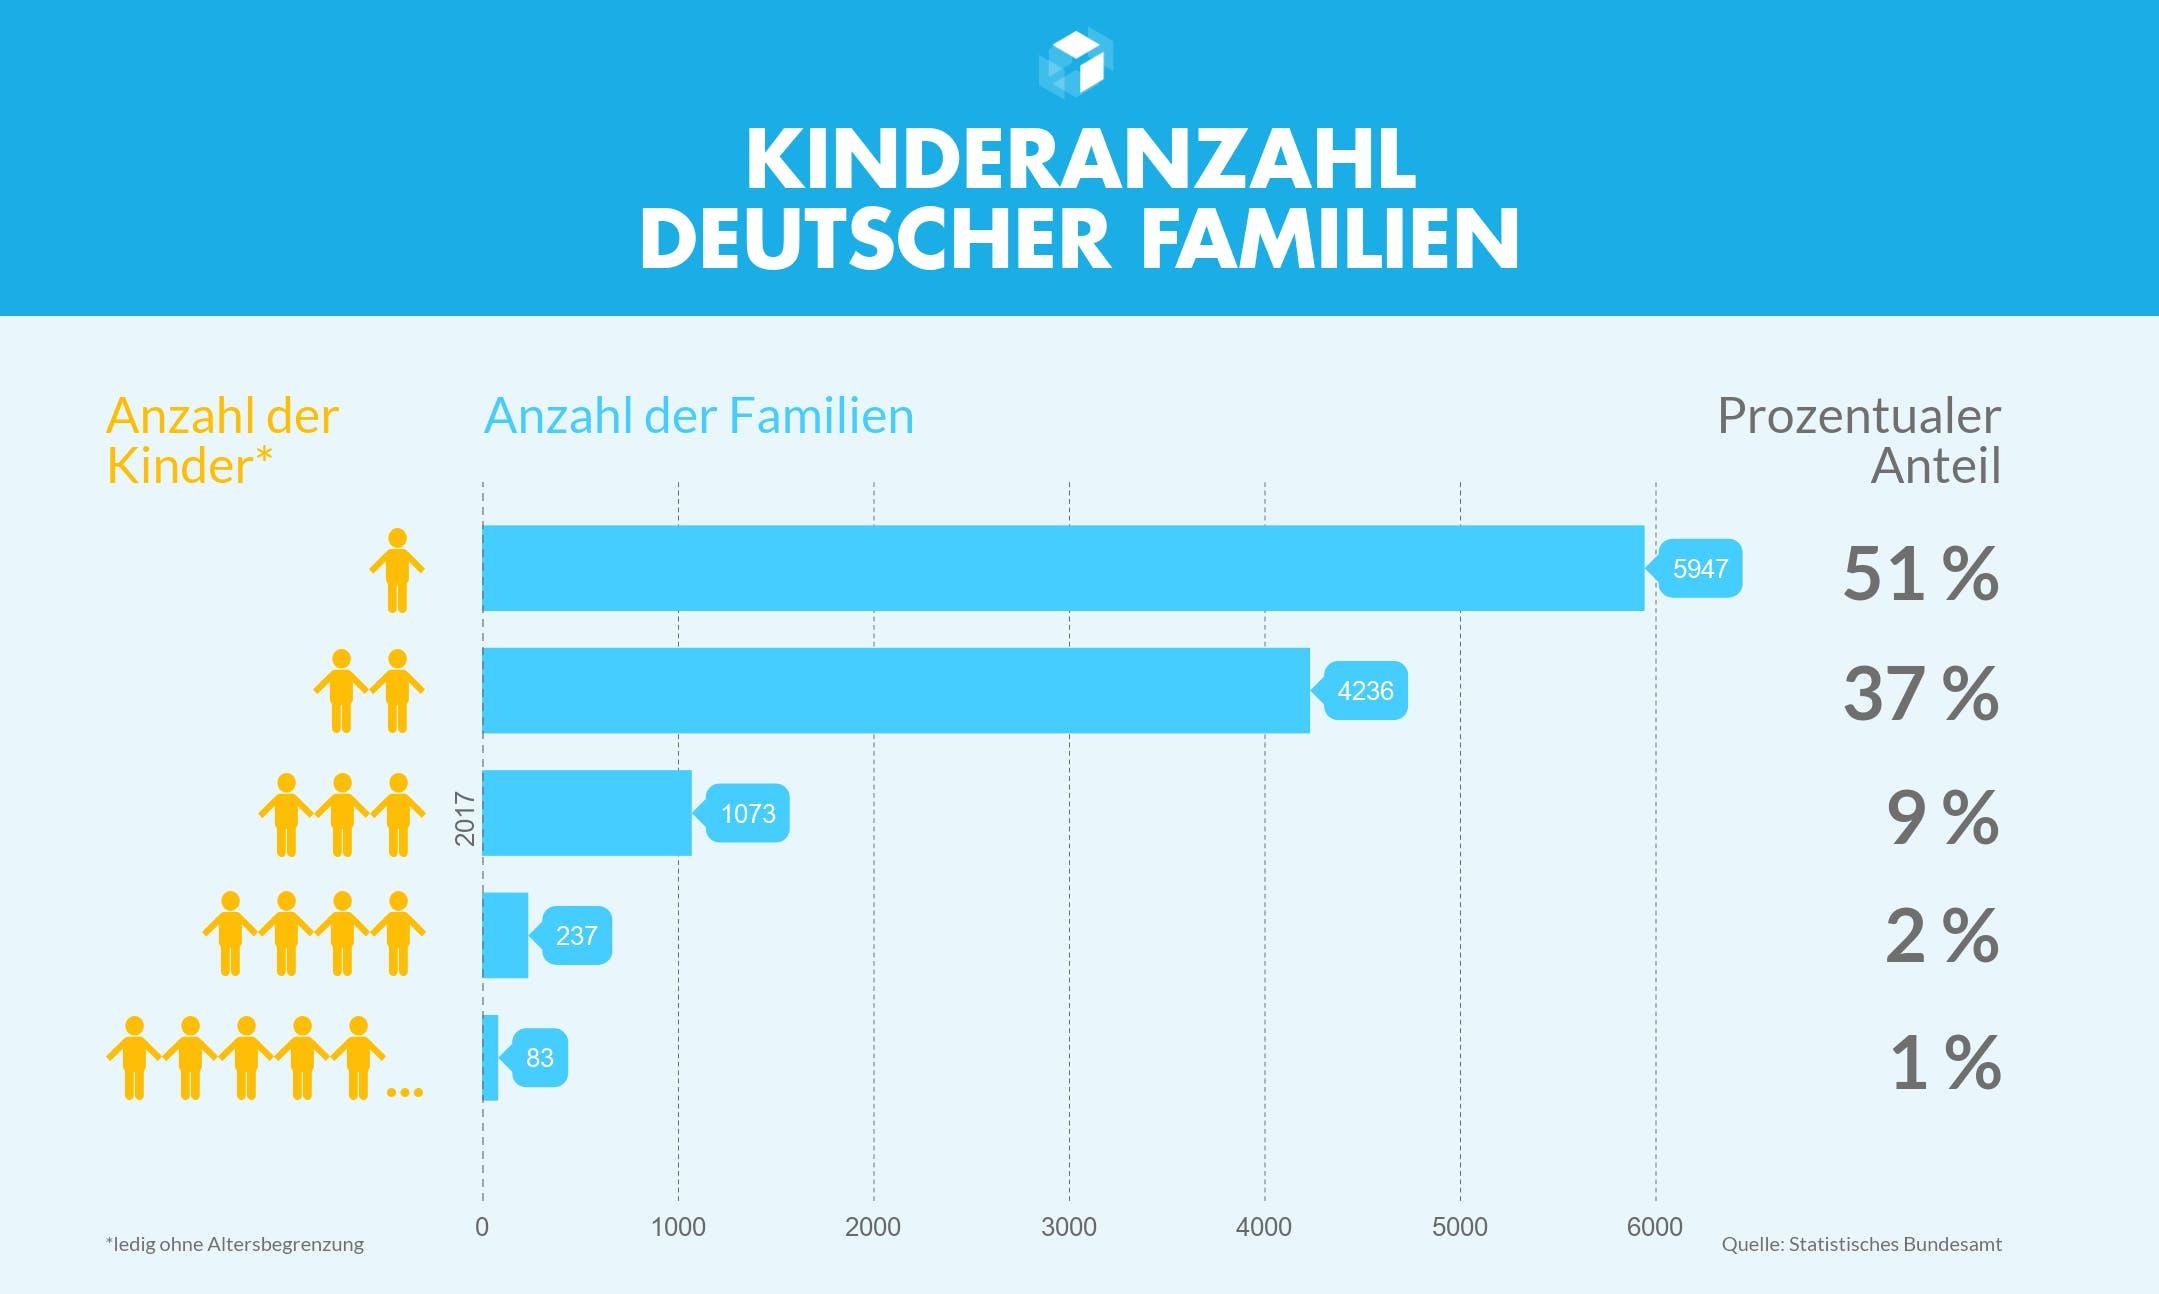 Statistik zu Kinderanzahl deutscher Familien 2017